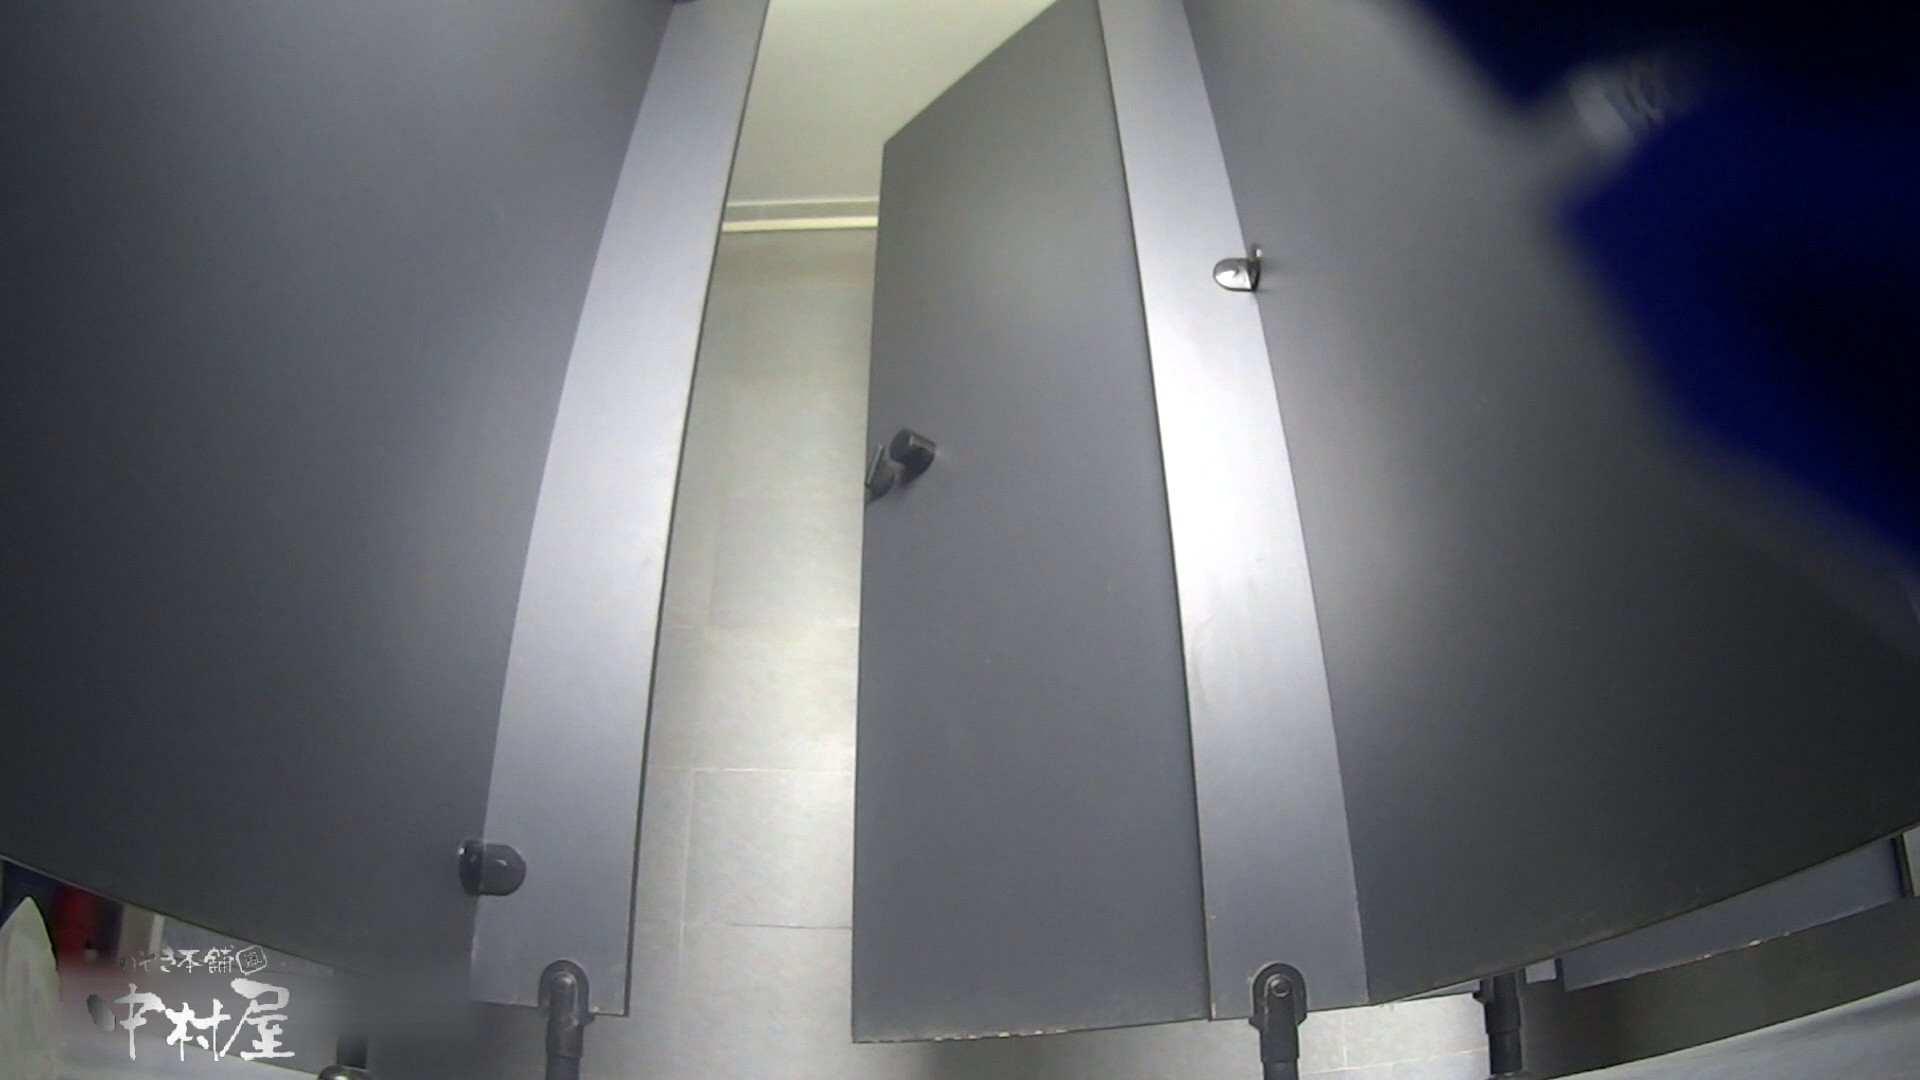 ツンデレお女市さんのトイレ事情 大学休憩時間の洗面所事情32 お姉さん丸裸 隠し撮りオマンコ動画紹介 76pic 39